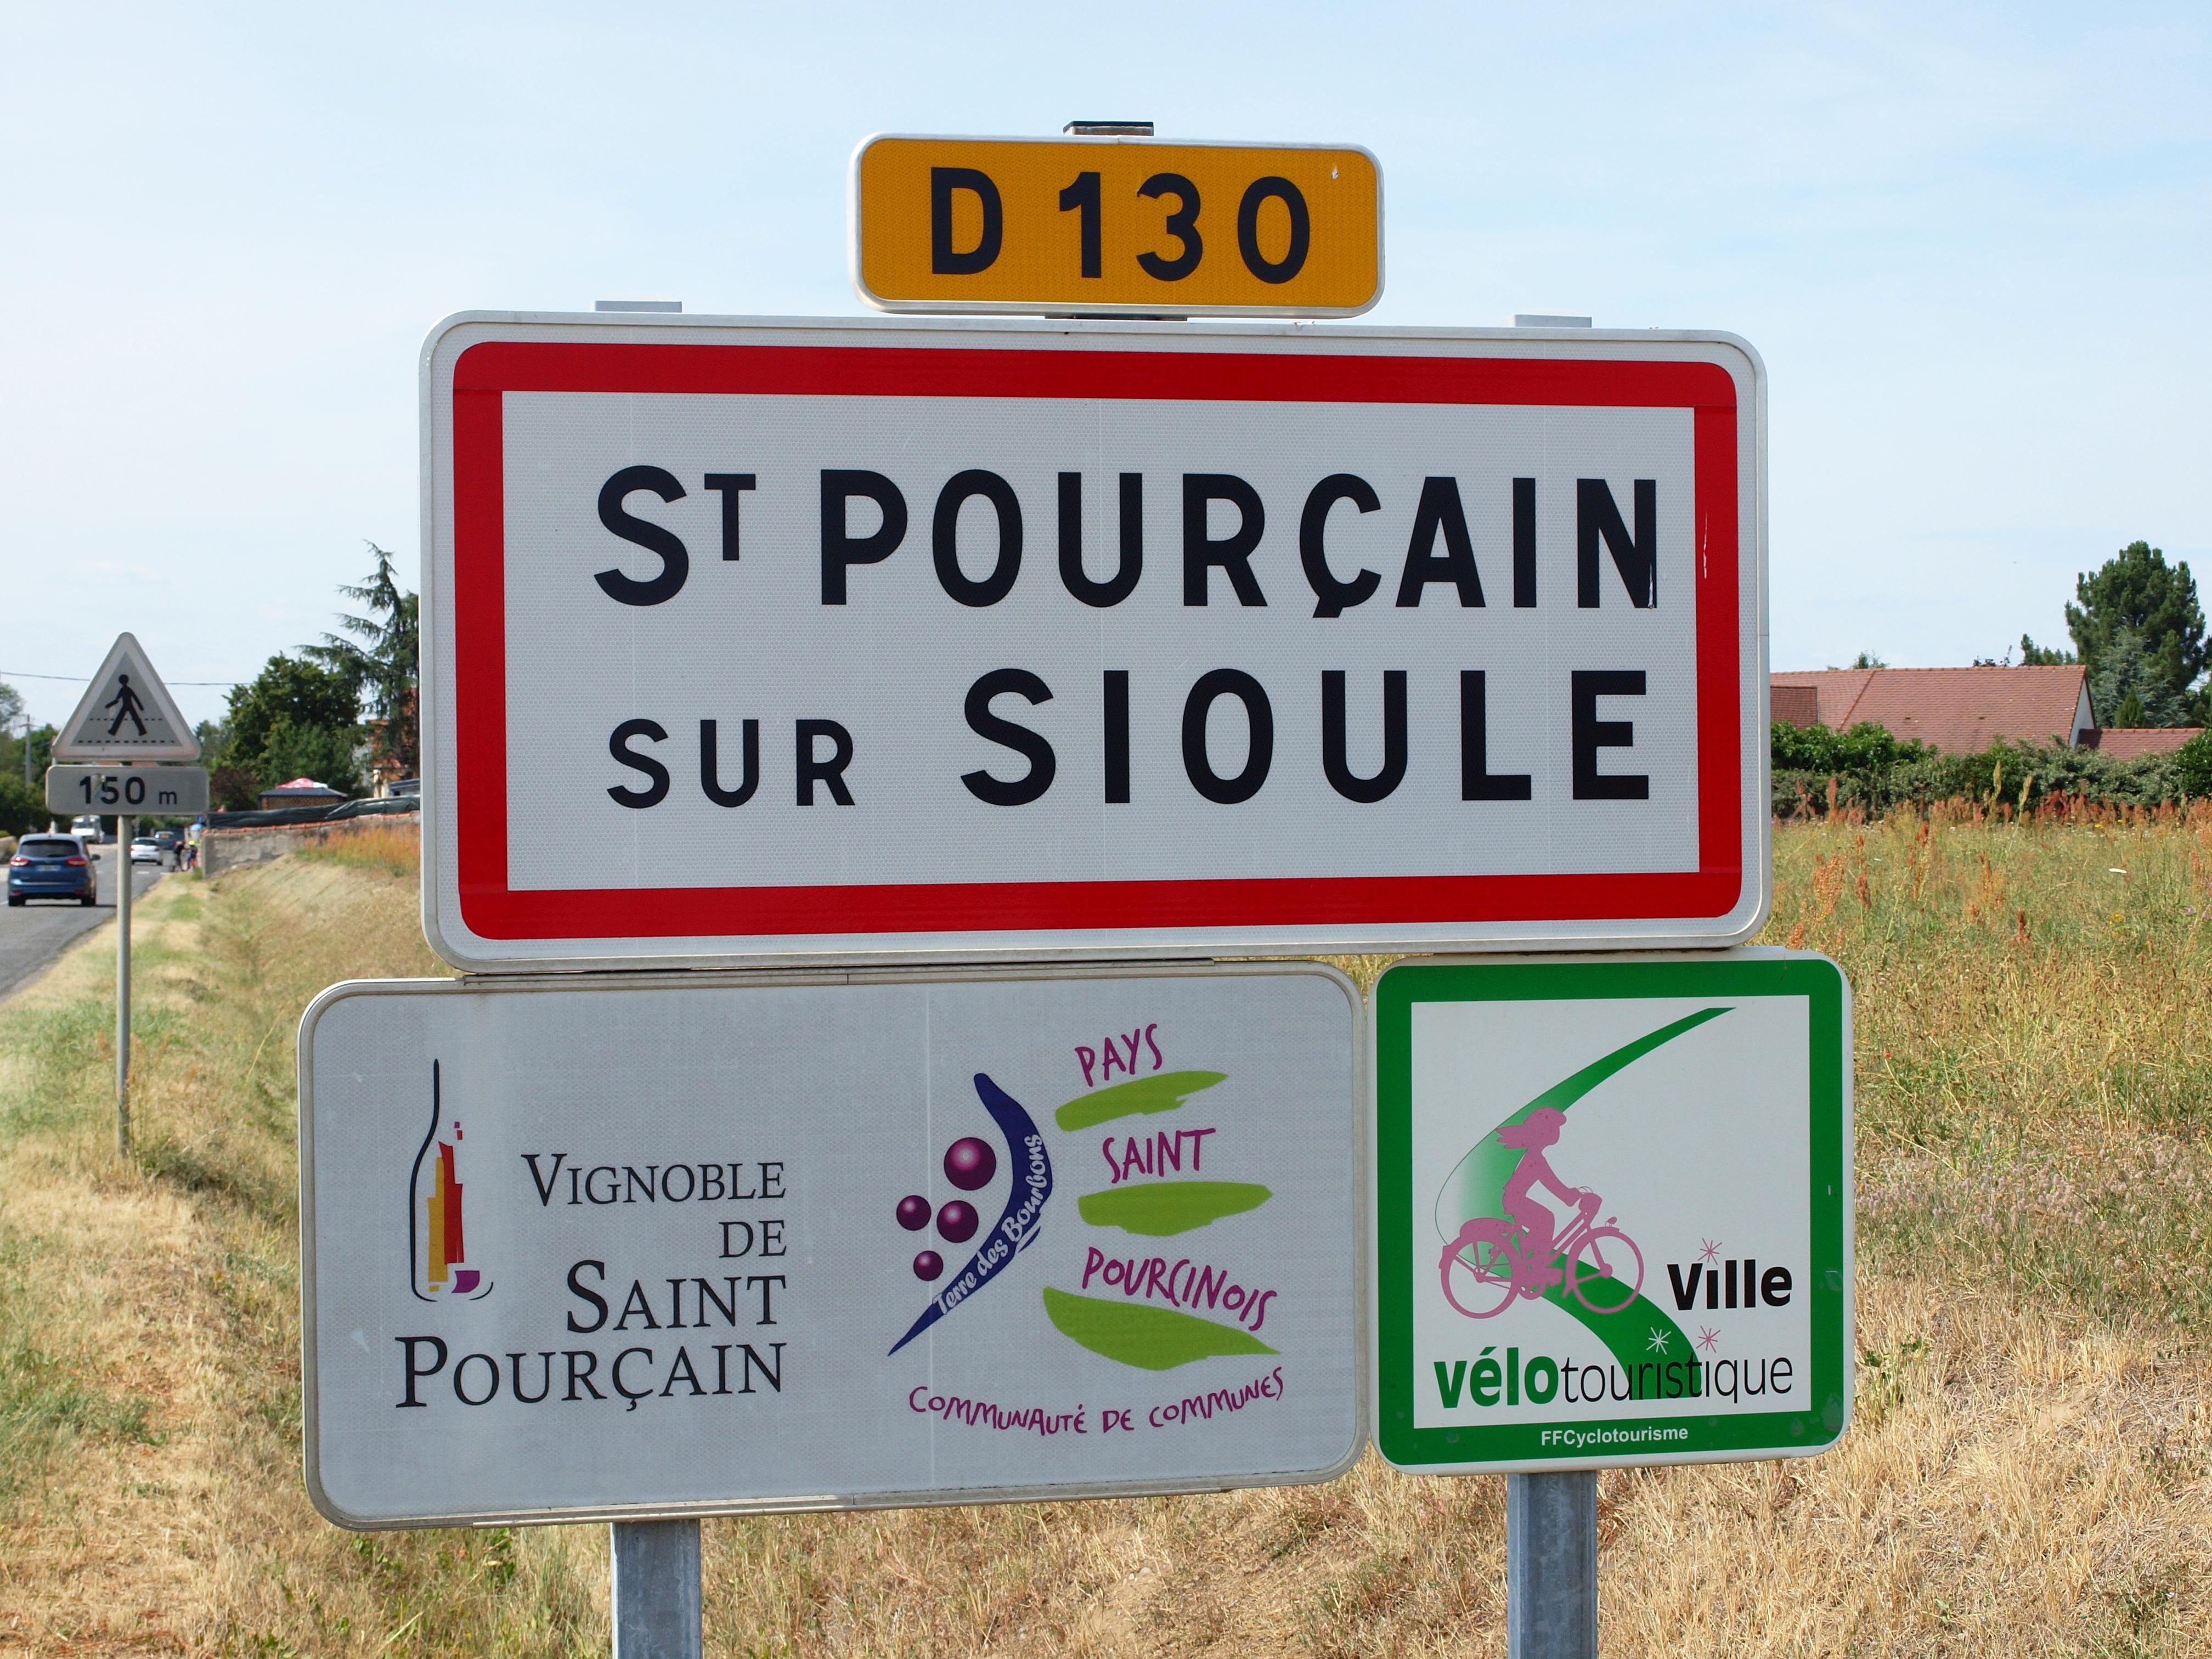 """Résultat de recherche d'images pour """"images St-Pourçain-sur-Sioule panneau"""""""